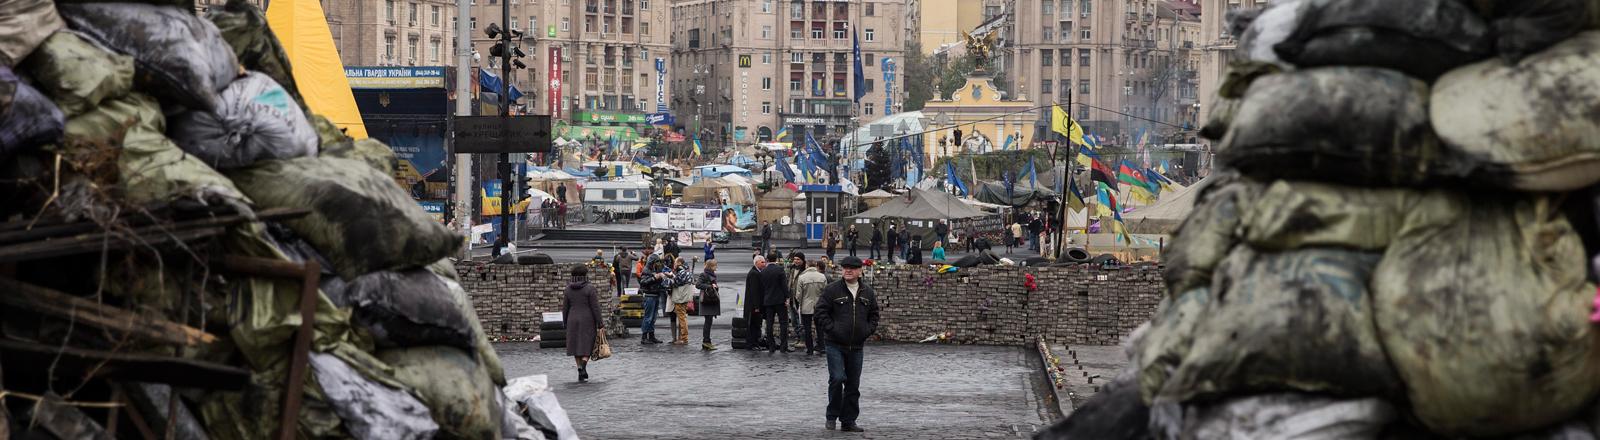 Ein Blick auf den Maidan am 14.04.2014, Sandsäcke, Zelte, ein paar Passanten.